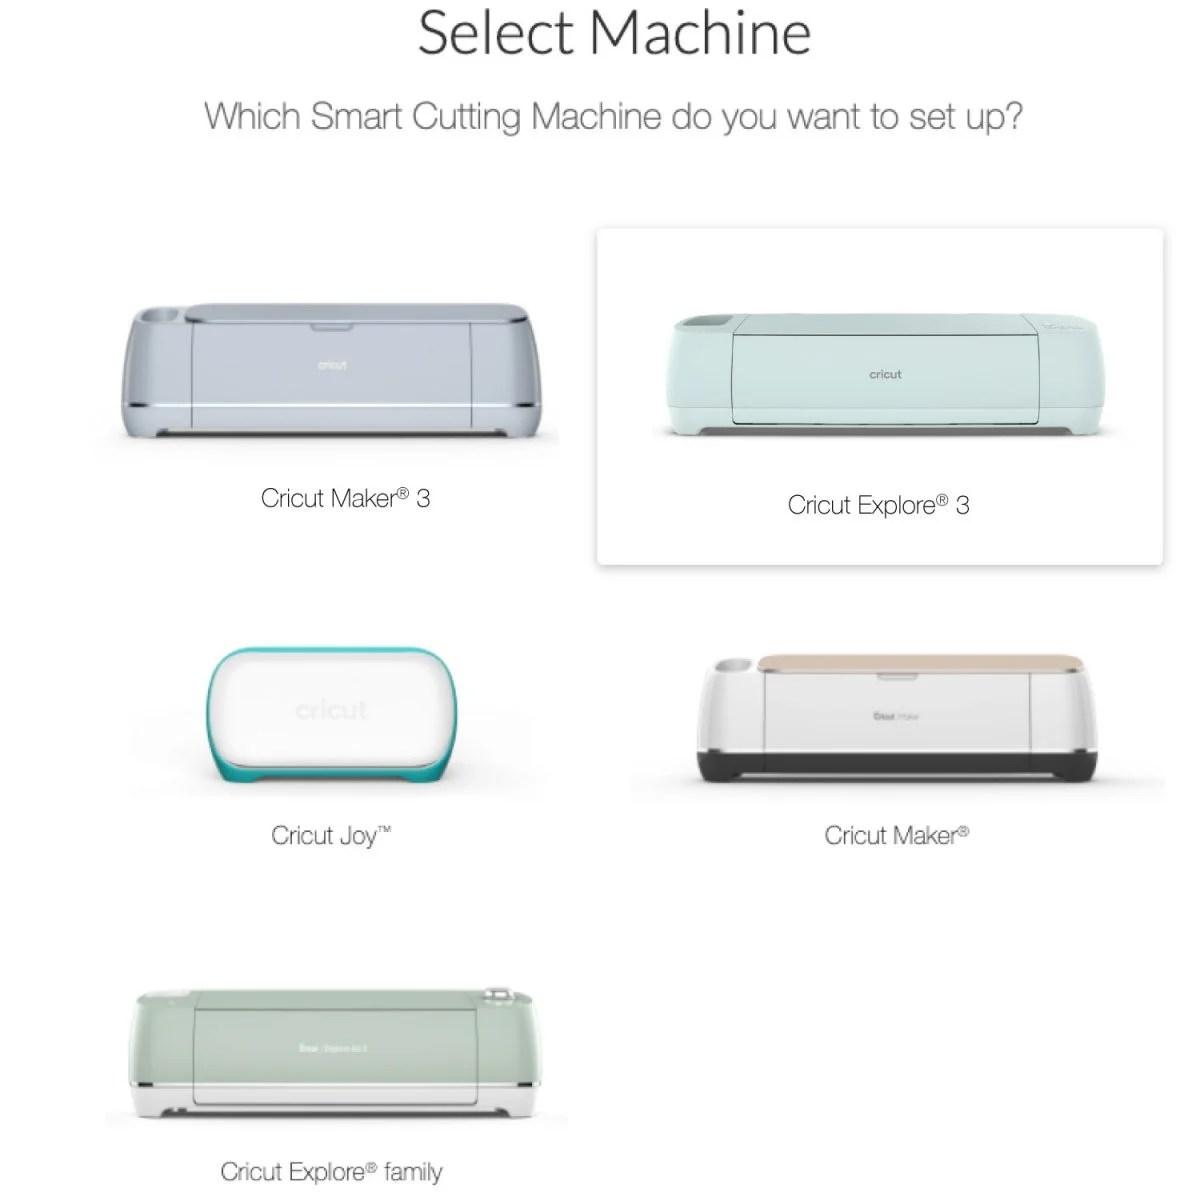 Screenshot showing Select Machine with Cricut Explore 3